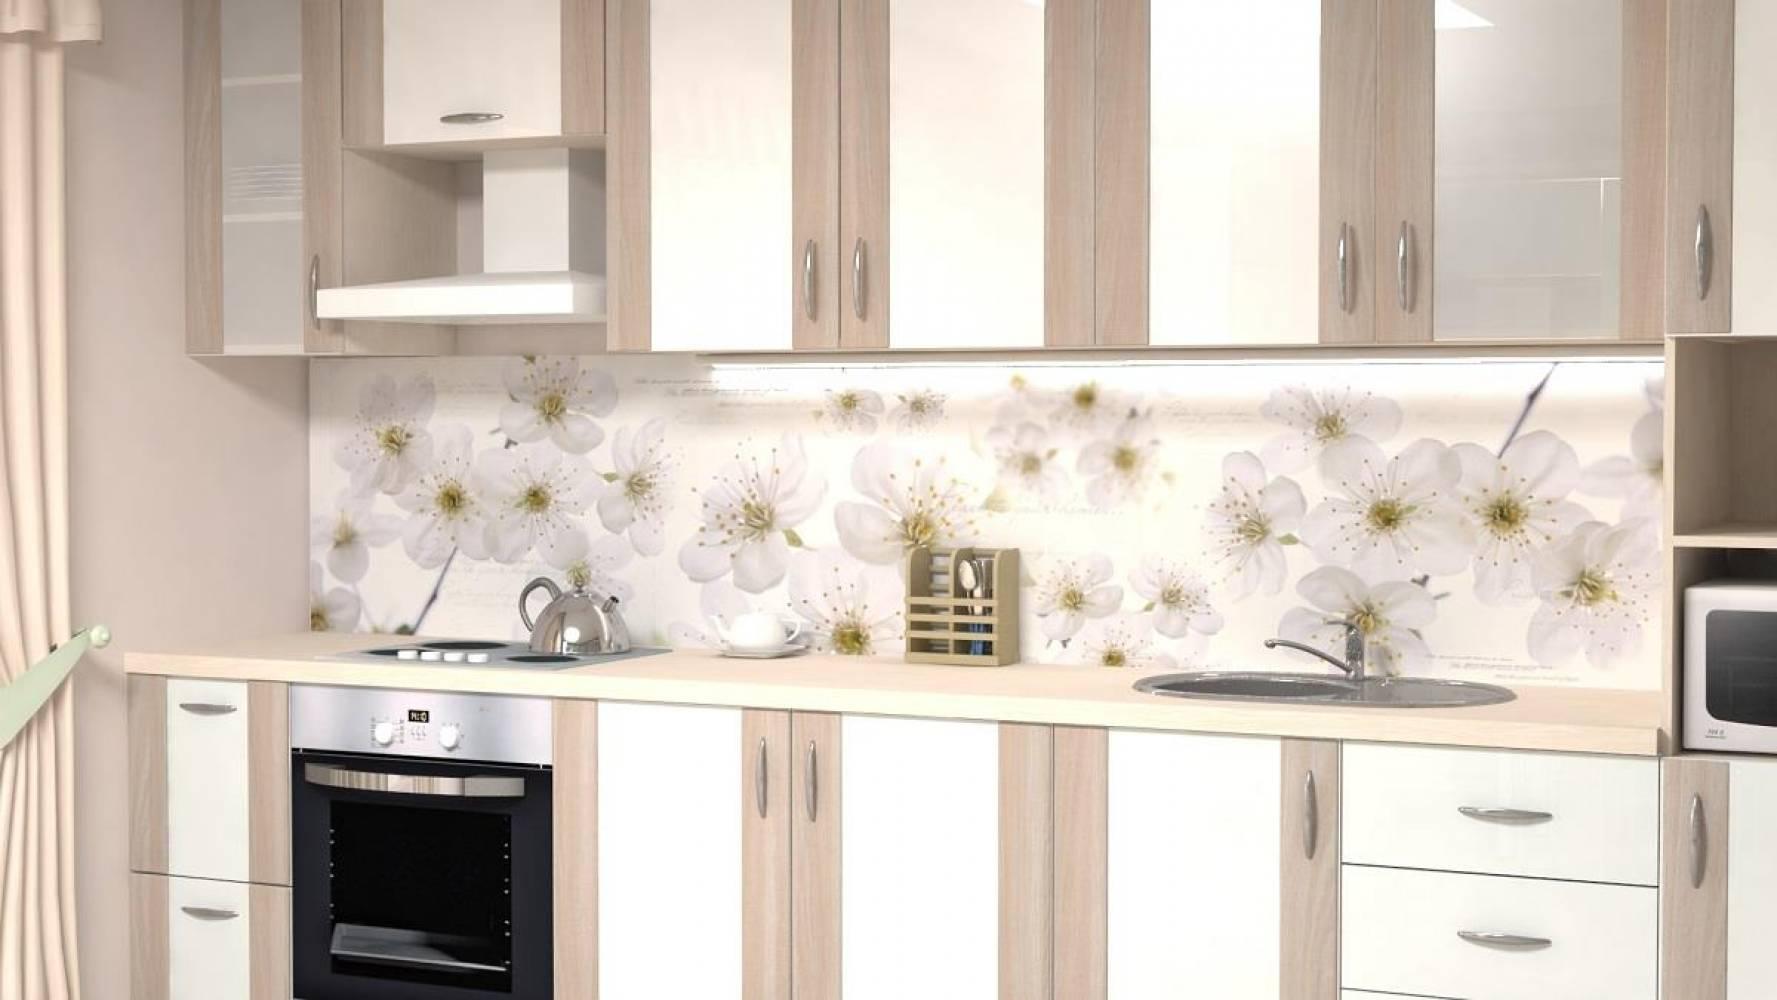 Кухонная панель F-33 Цветущая вишня Глянцевая ALDIO